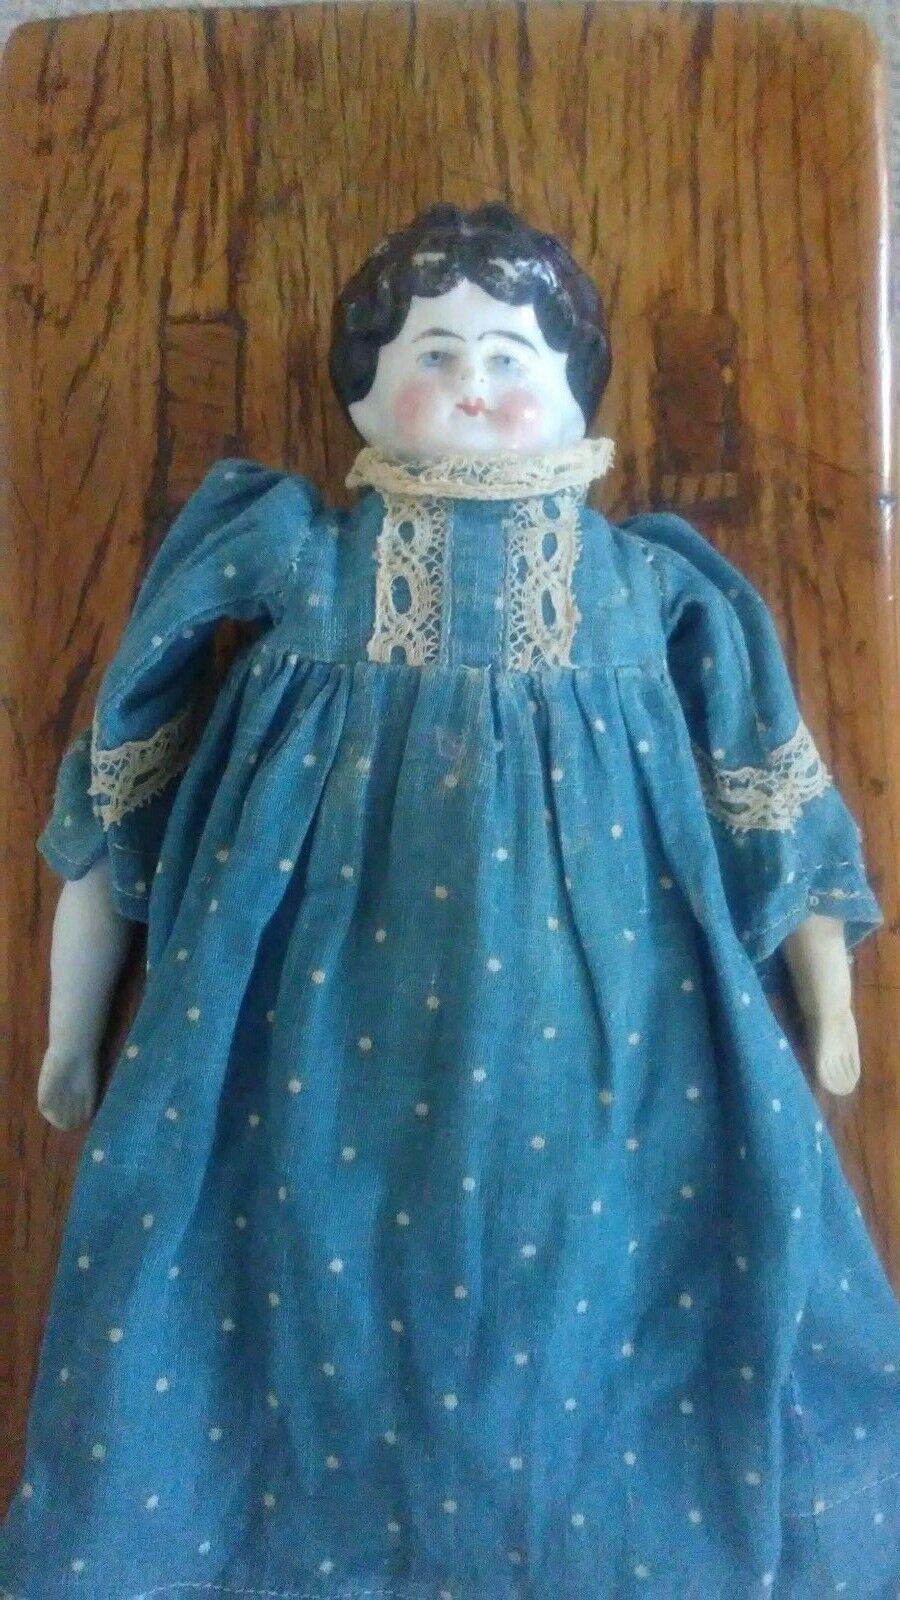 Antigua Muñeca De Porcelana Pintada A Mano Pelo Negro EE. UU.